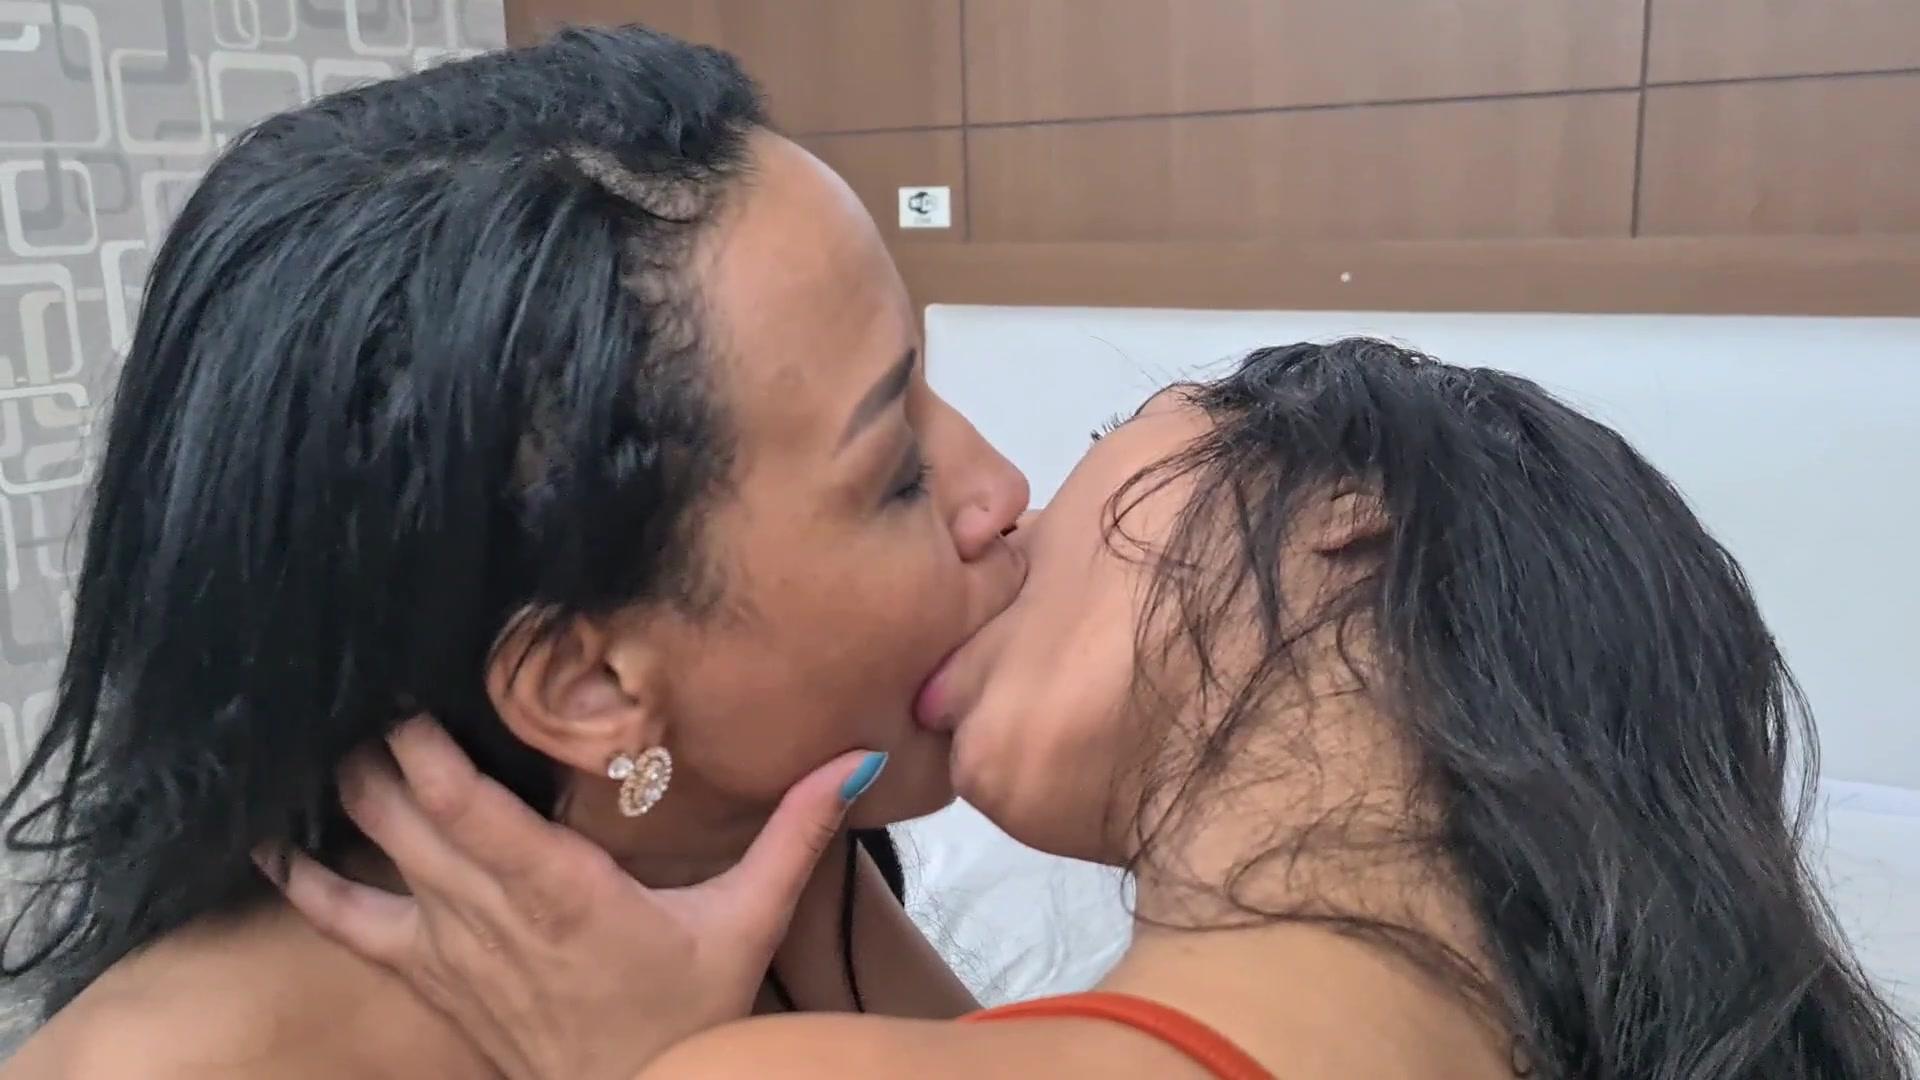 CUSTOM_VIDEO_JENNY_AMAIA_FULLLL_16